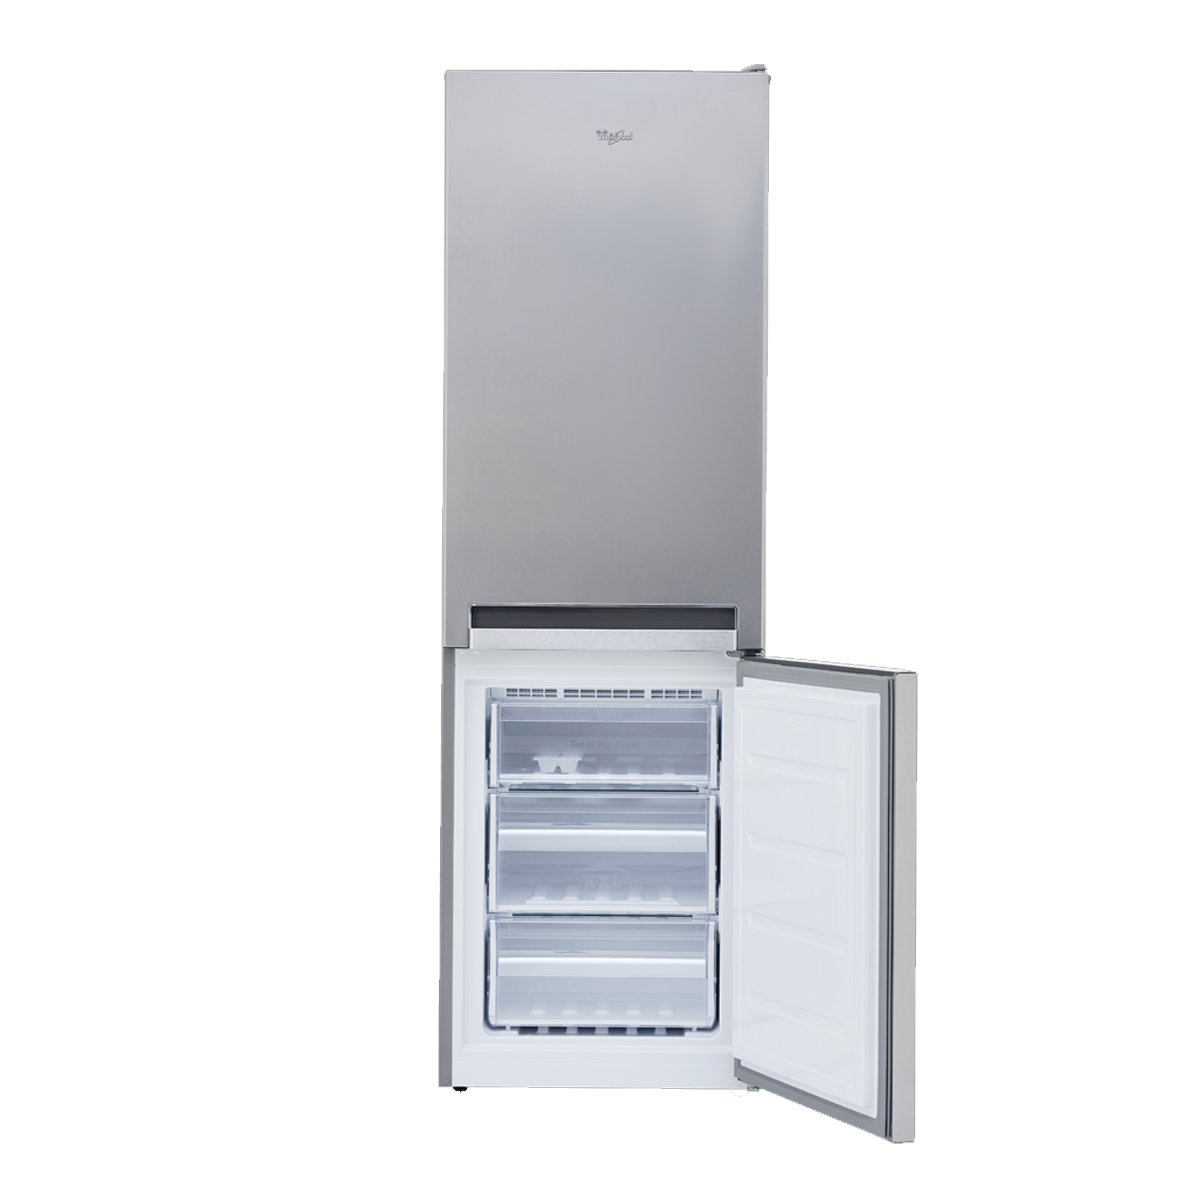 Refrigerador whirlpool button 11p wrb311dmbm acero sears for Refrigerador whirlpool